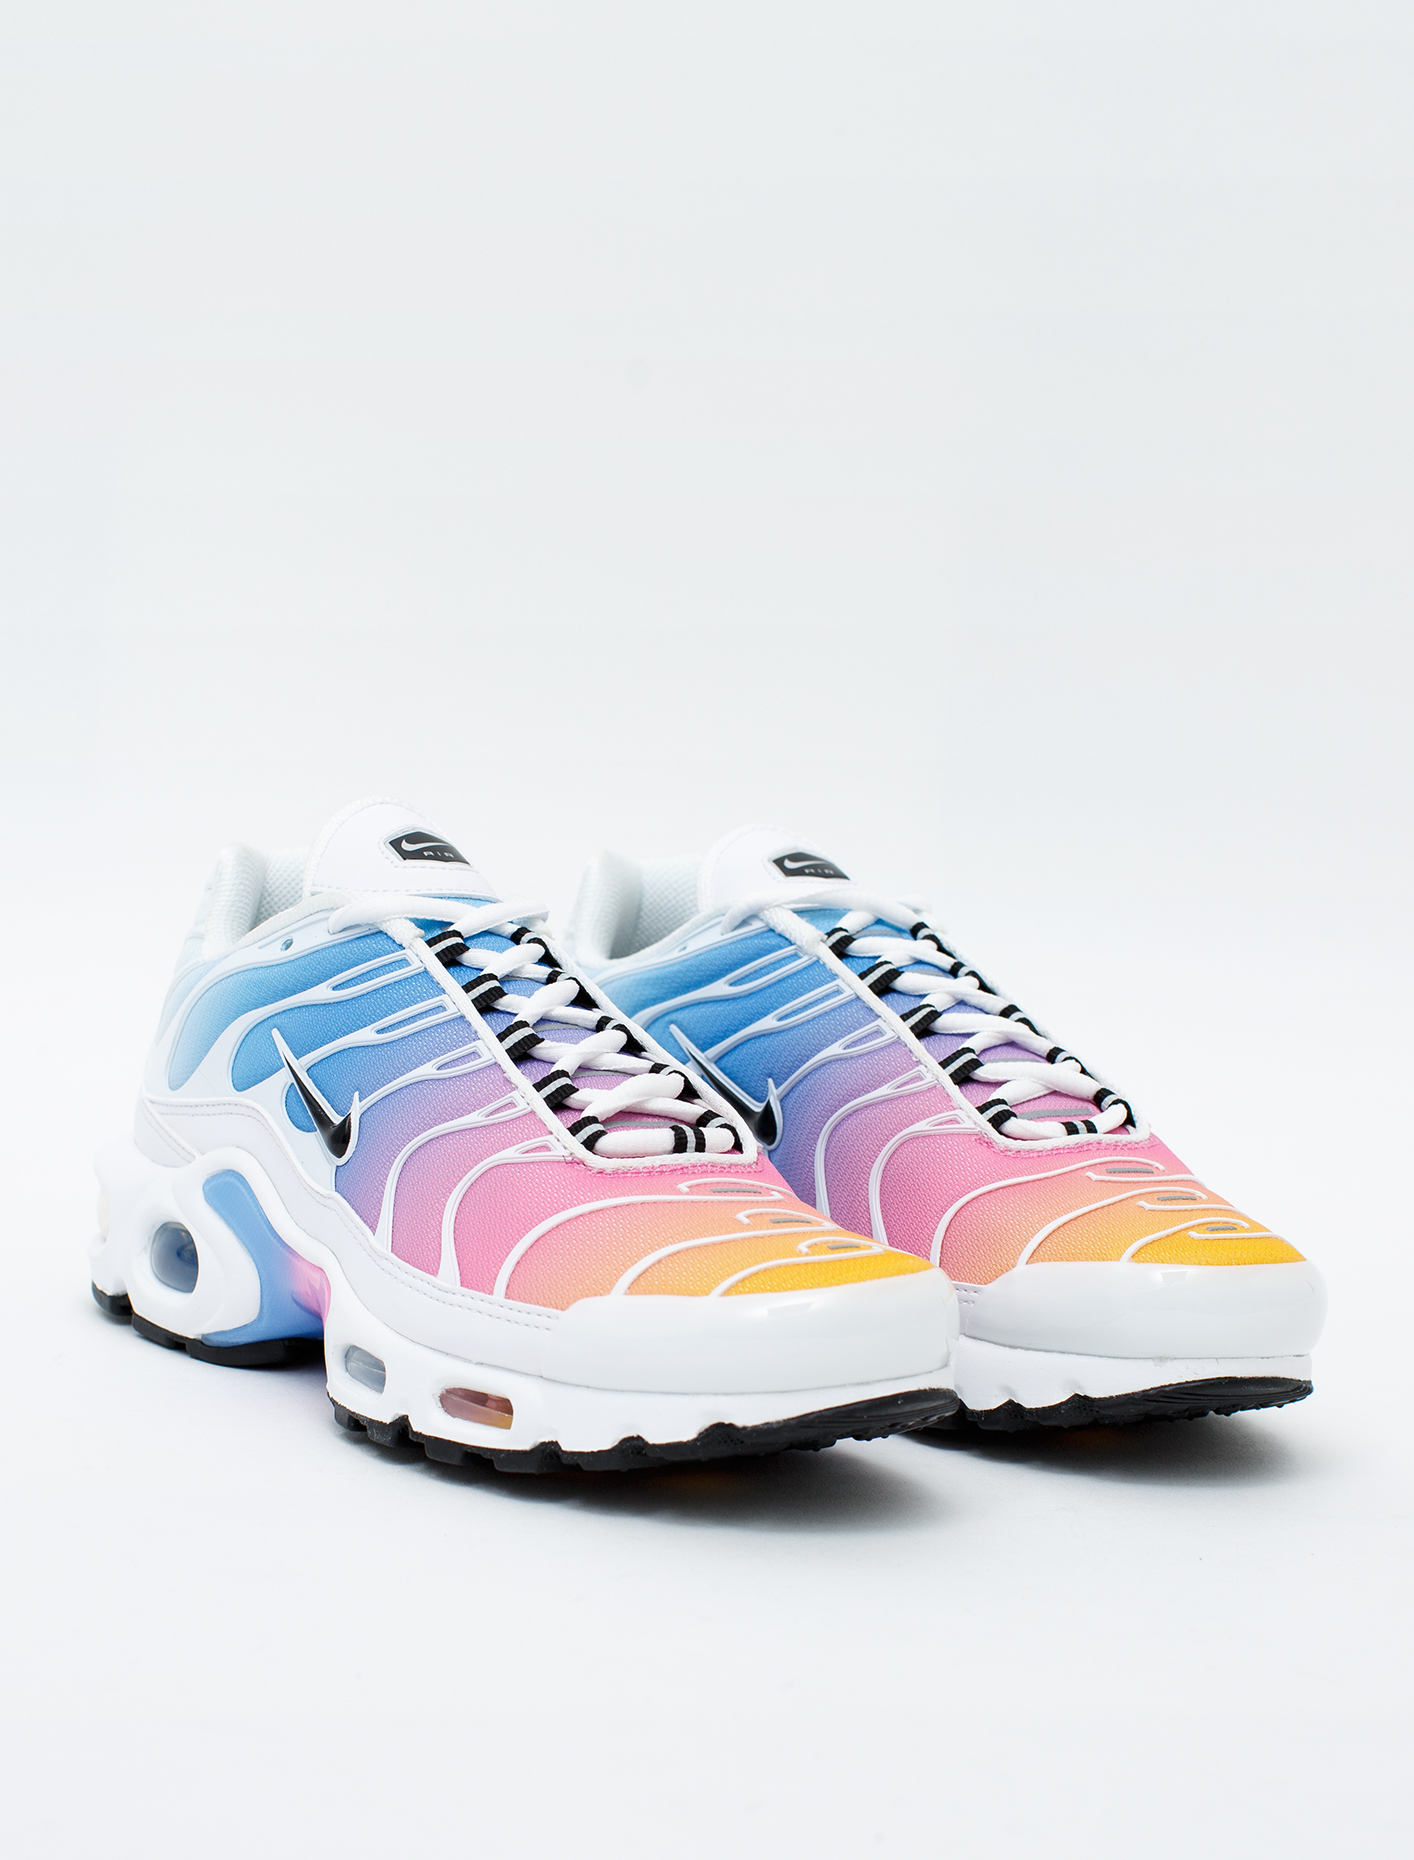 promo code 22ed8 36be2 Nike Air Max Plus Sneaker